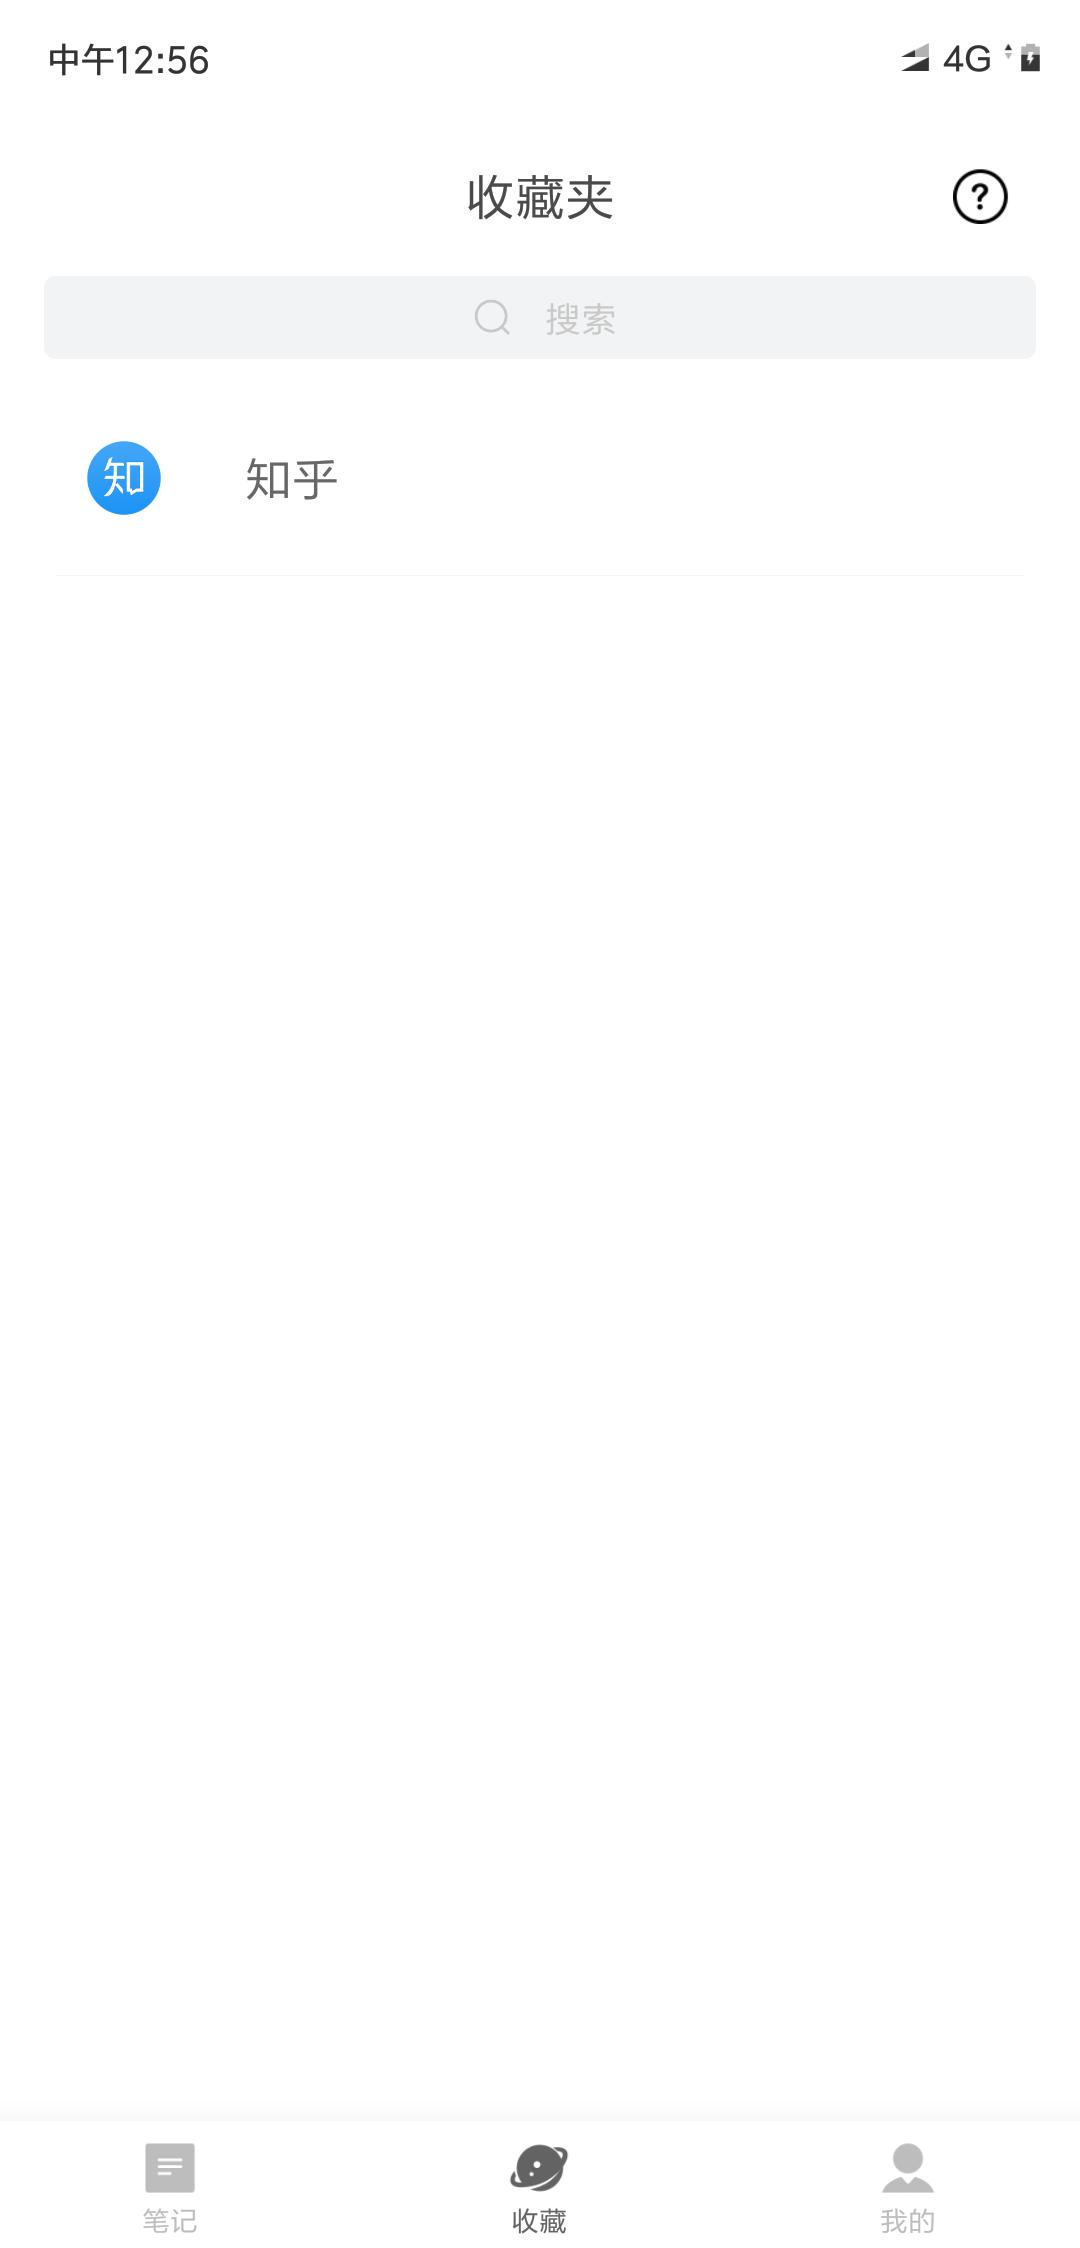 极道笔记 v0.2.6截图